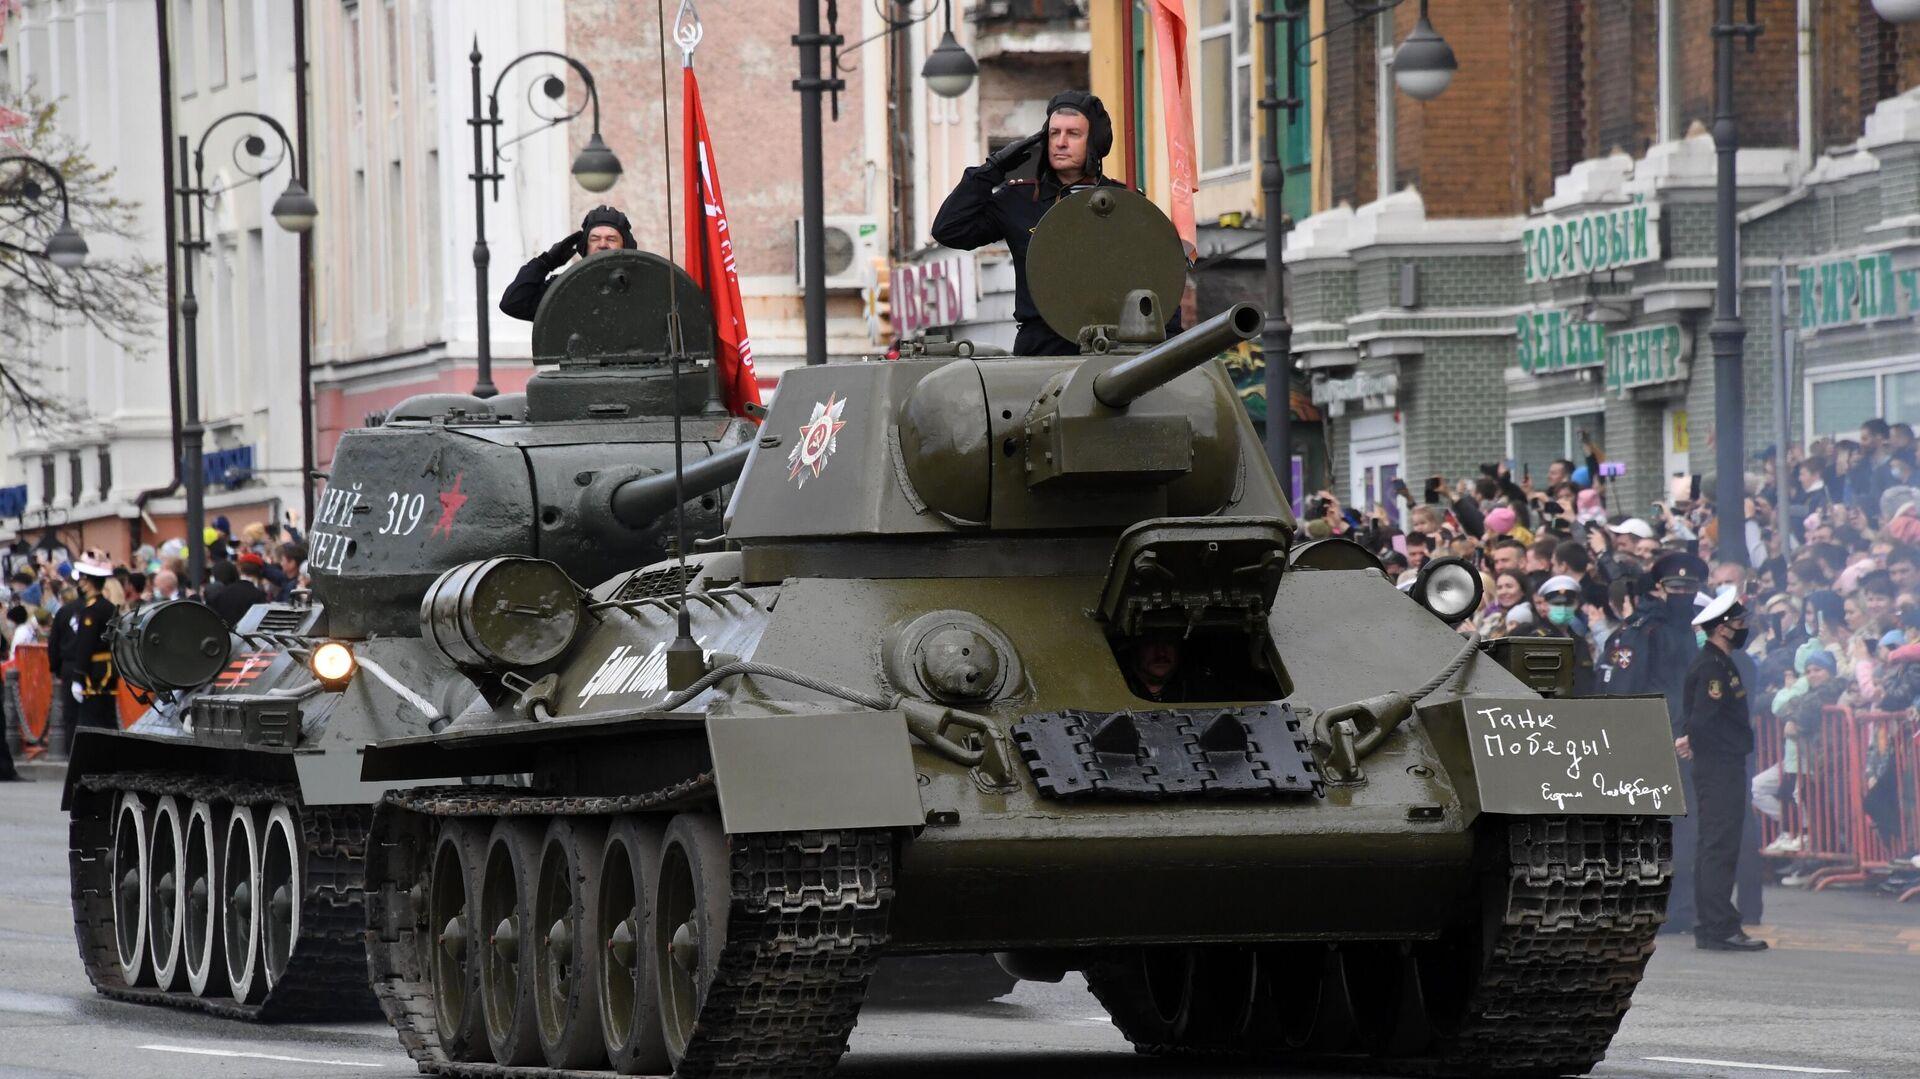 Танк Т-34-76 на военном параде в честь 76-й годовщины Победы в Великой Отечественной войне во Владивостоке - РИА Новости, 1920, 09.05.2021